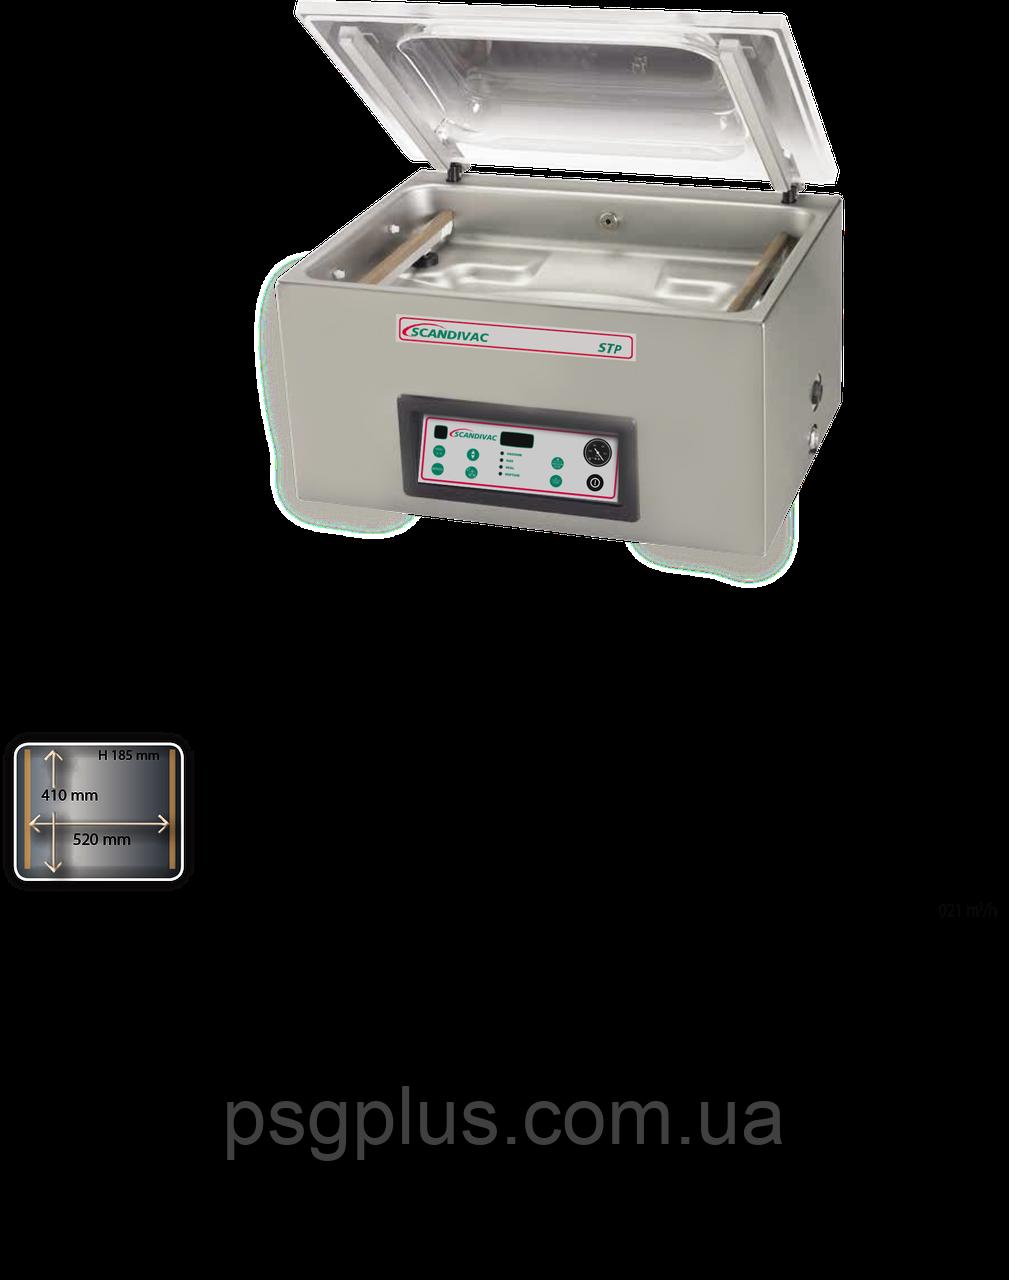 Вакуумный упаковщик SCANDIVAC STP 21-52d